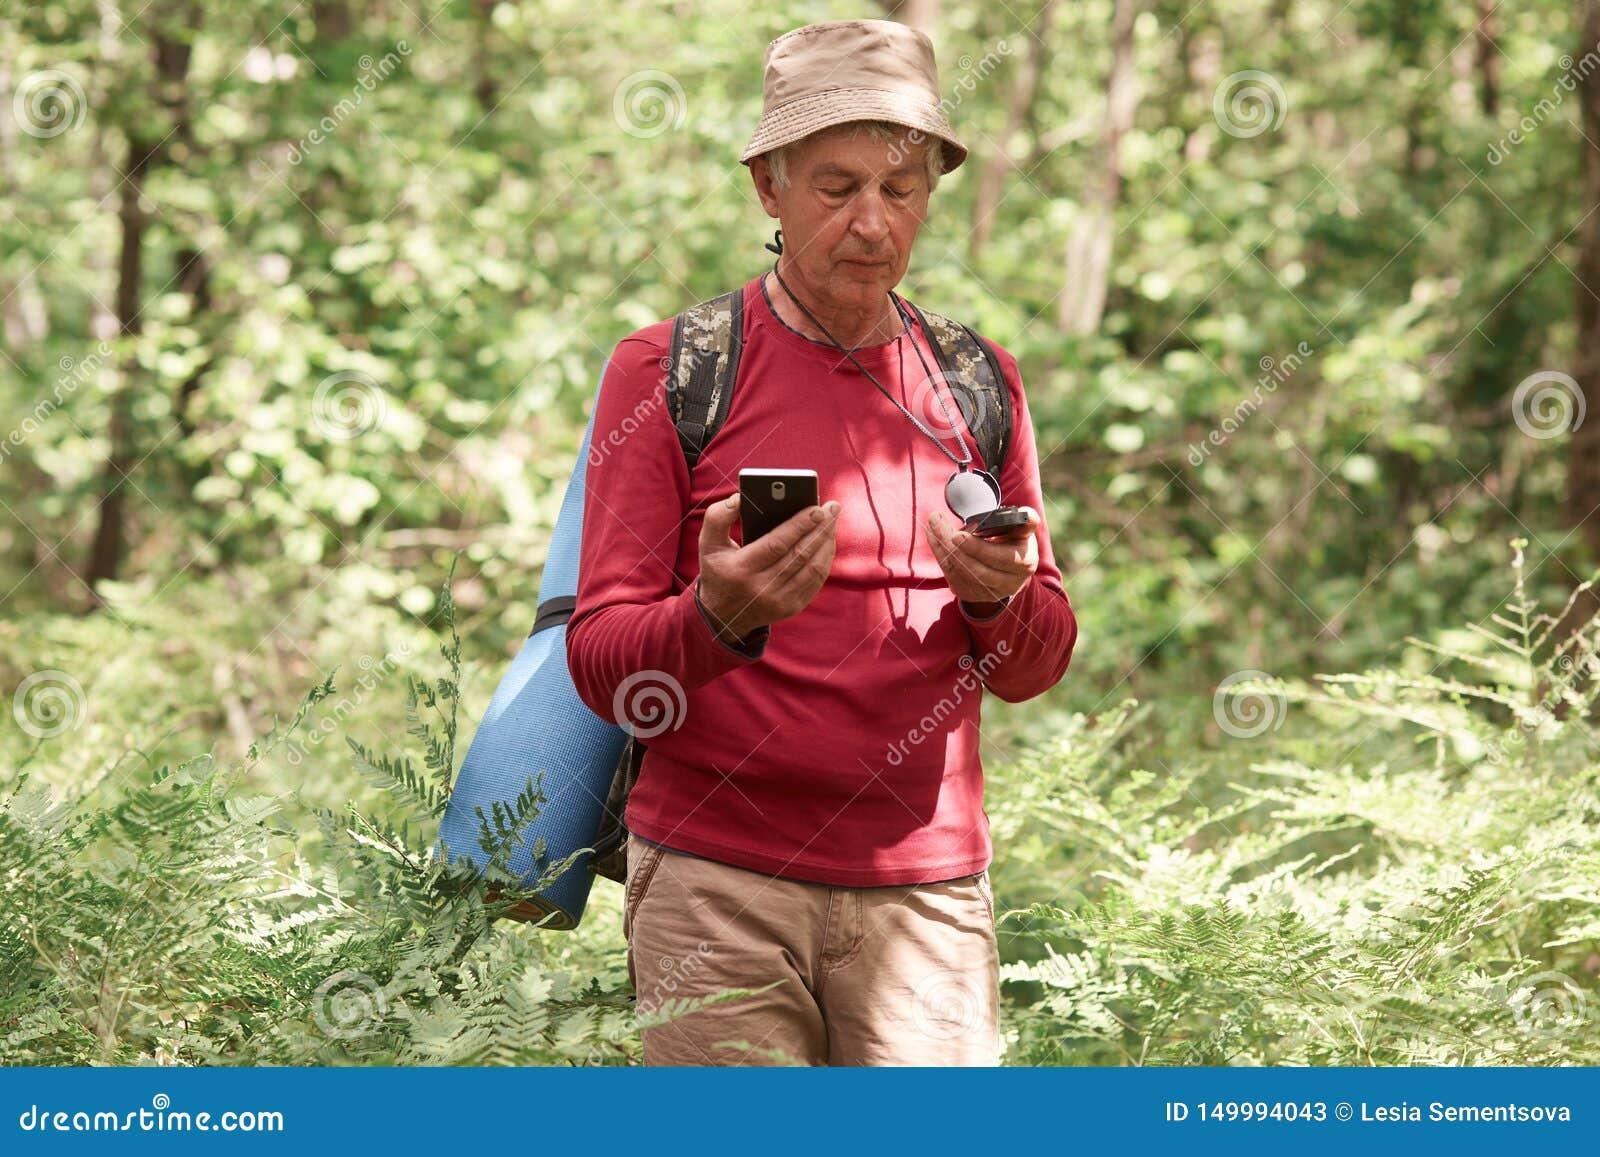 漫步在森林里的严肃的热心人,拿着指南针和智能手机在他的手上,选择他的旅行路线,是